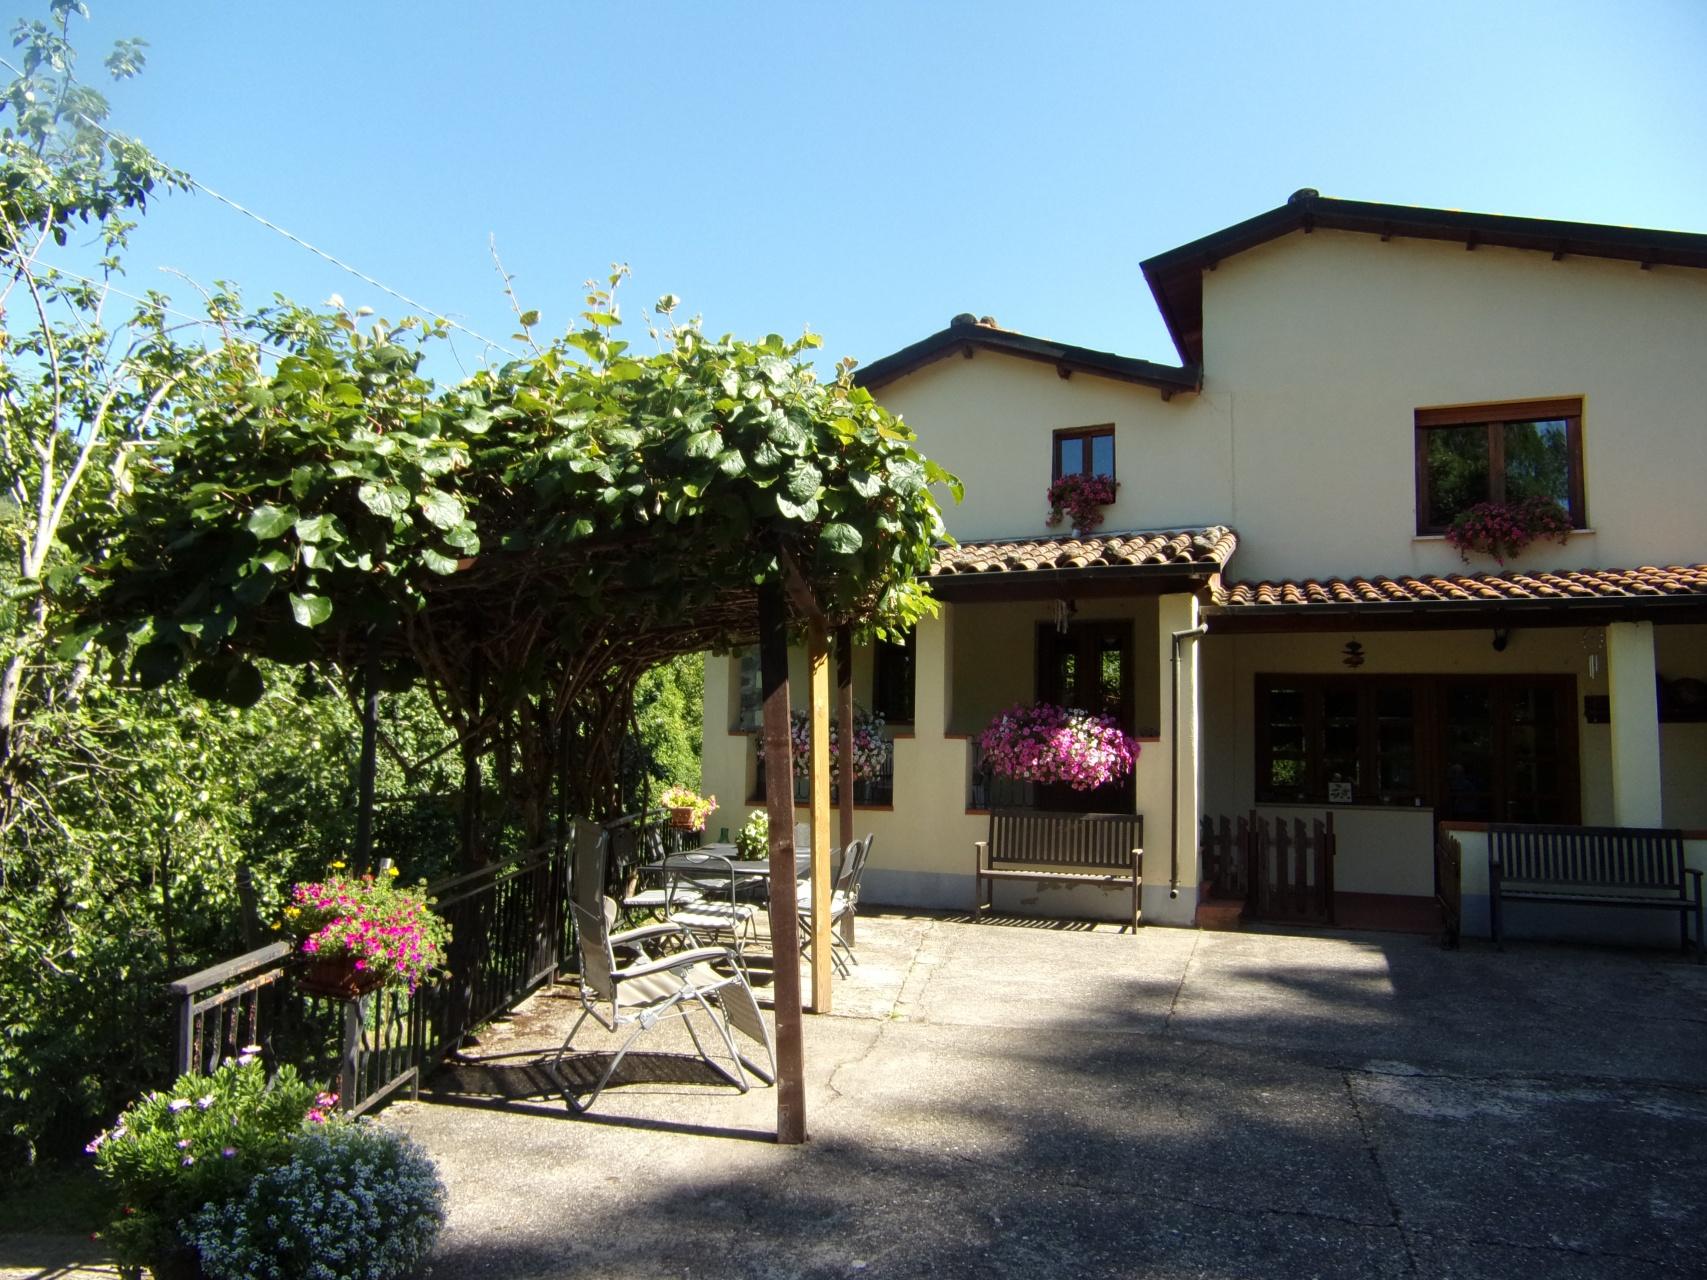 foto Casa ristrutturata immersa nel verde - Barga, Val di Vaiana, Lucca